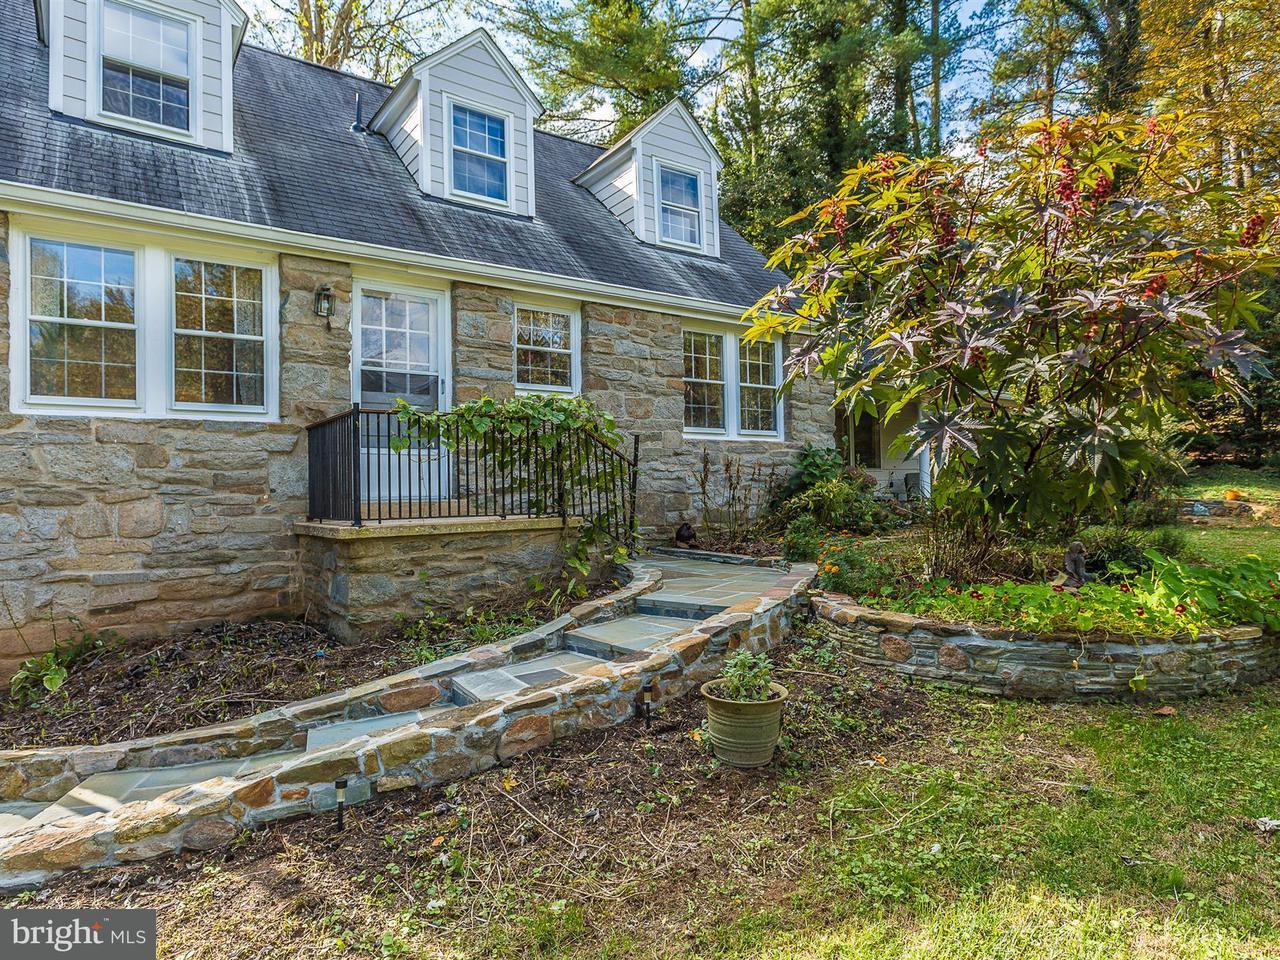 Частный односемейный дом для того Продажа на 17945 Bowie Mill Road 17945 Bowie Mill Road Derwood, Мэриленд 20855 Соединенные Штаты